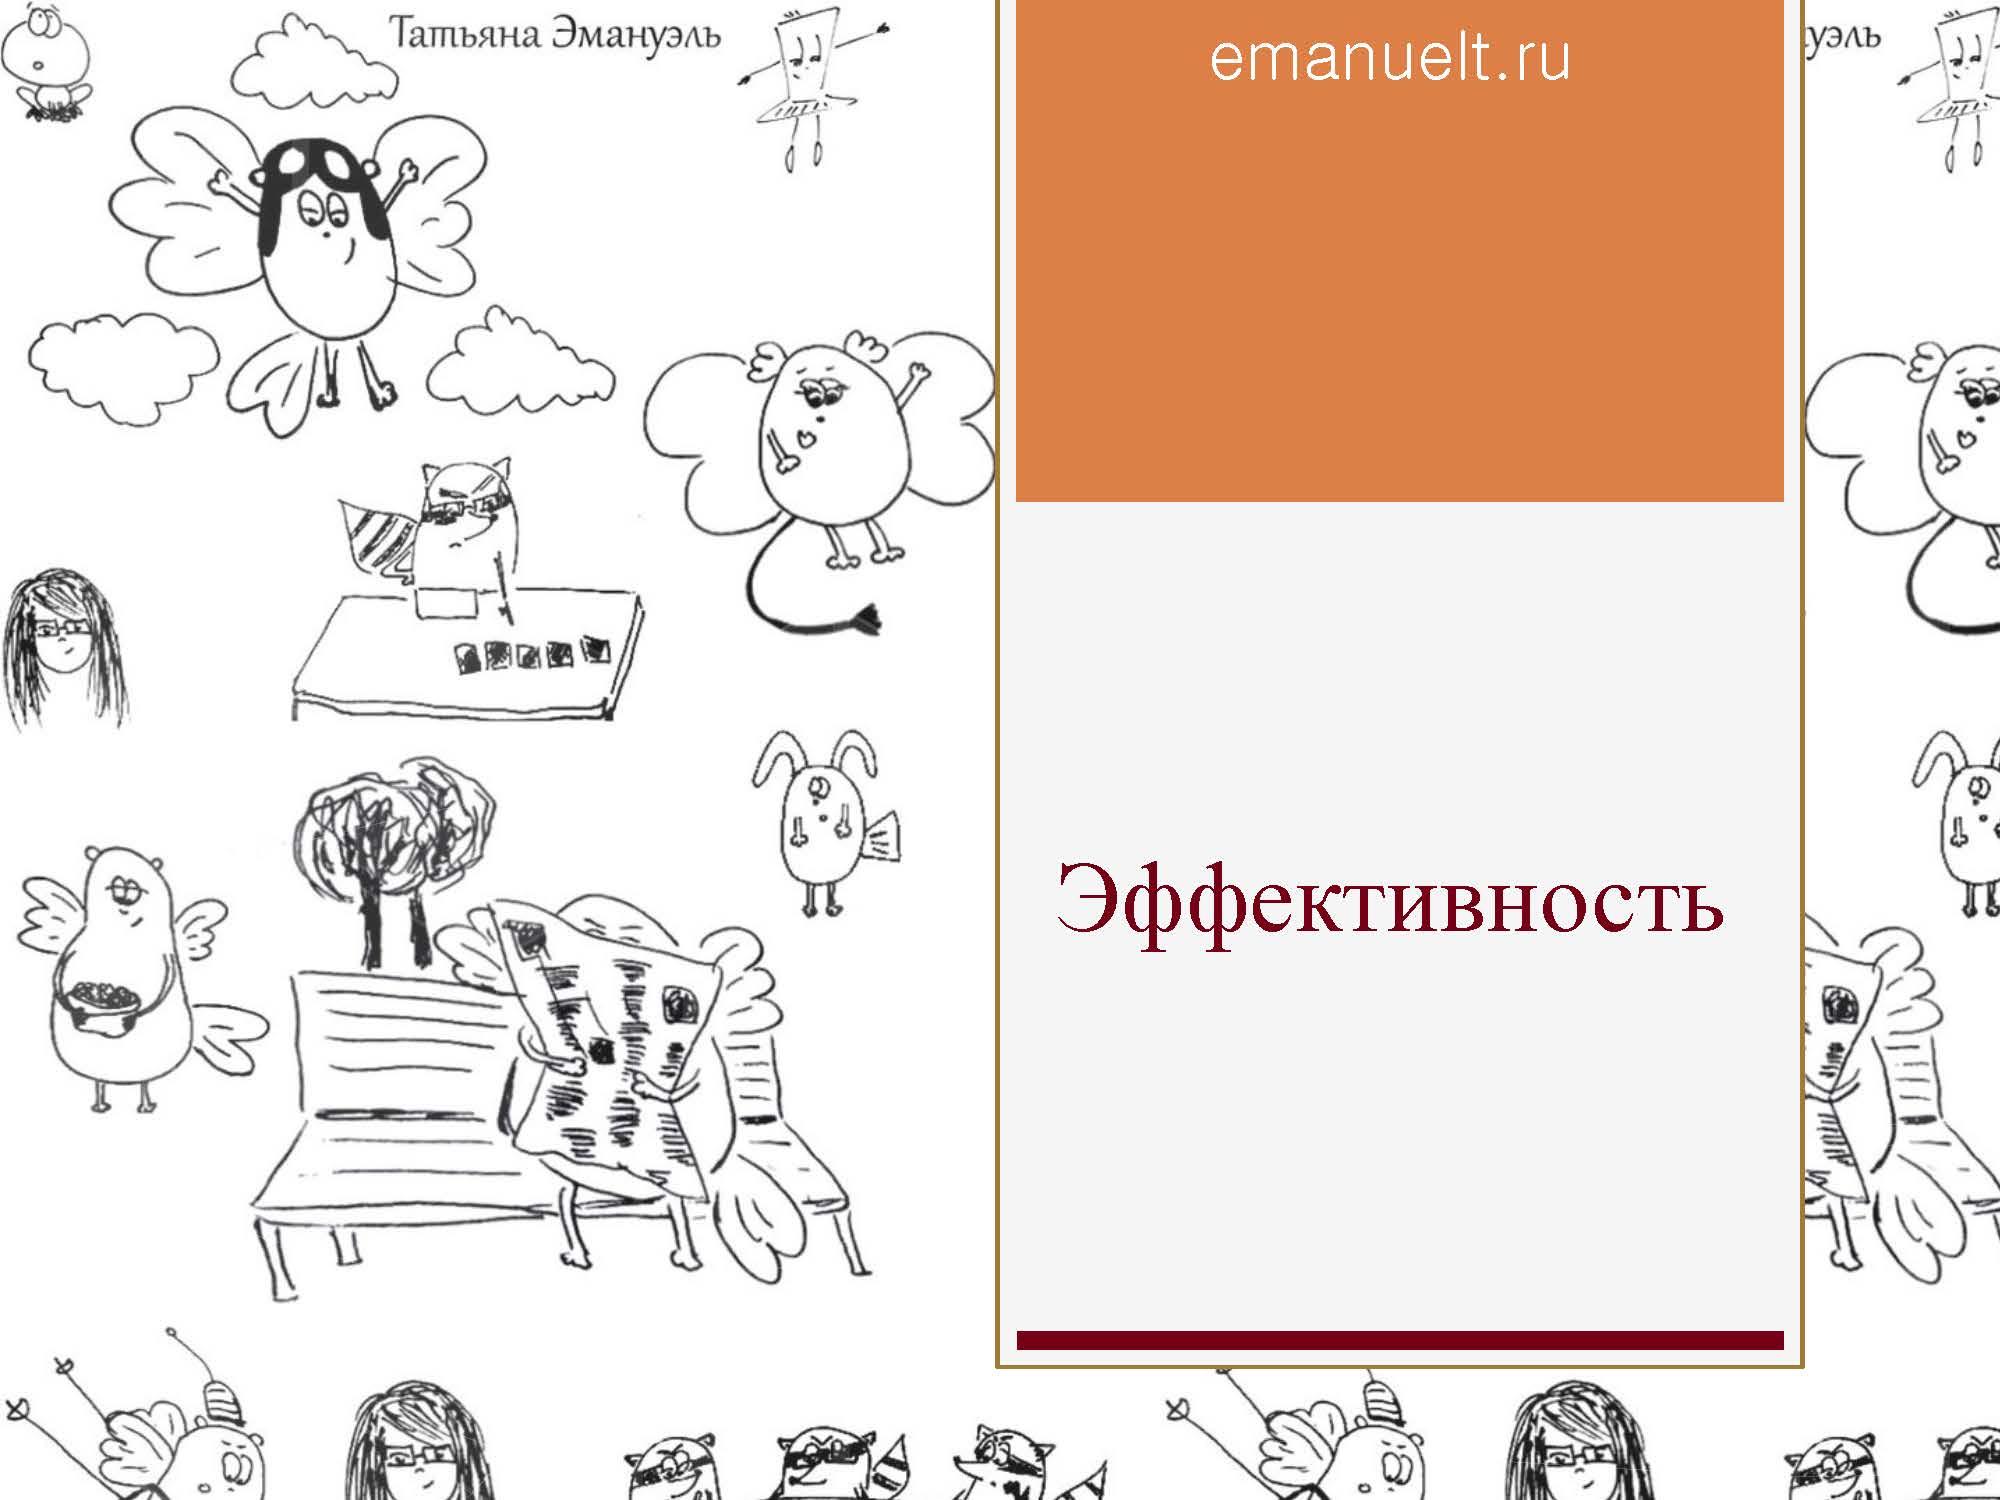 проектный эмануэль_Страница_74